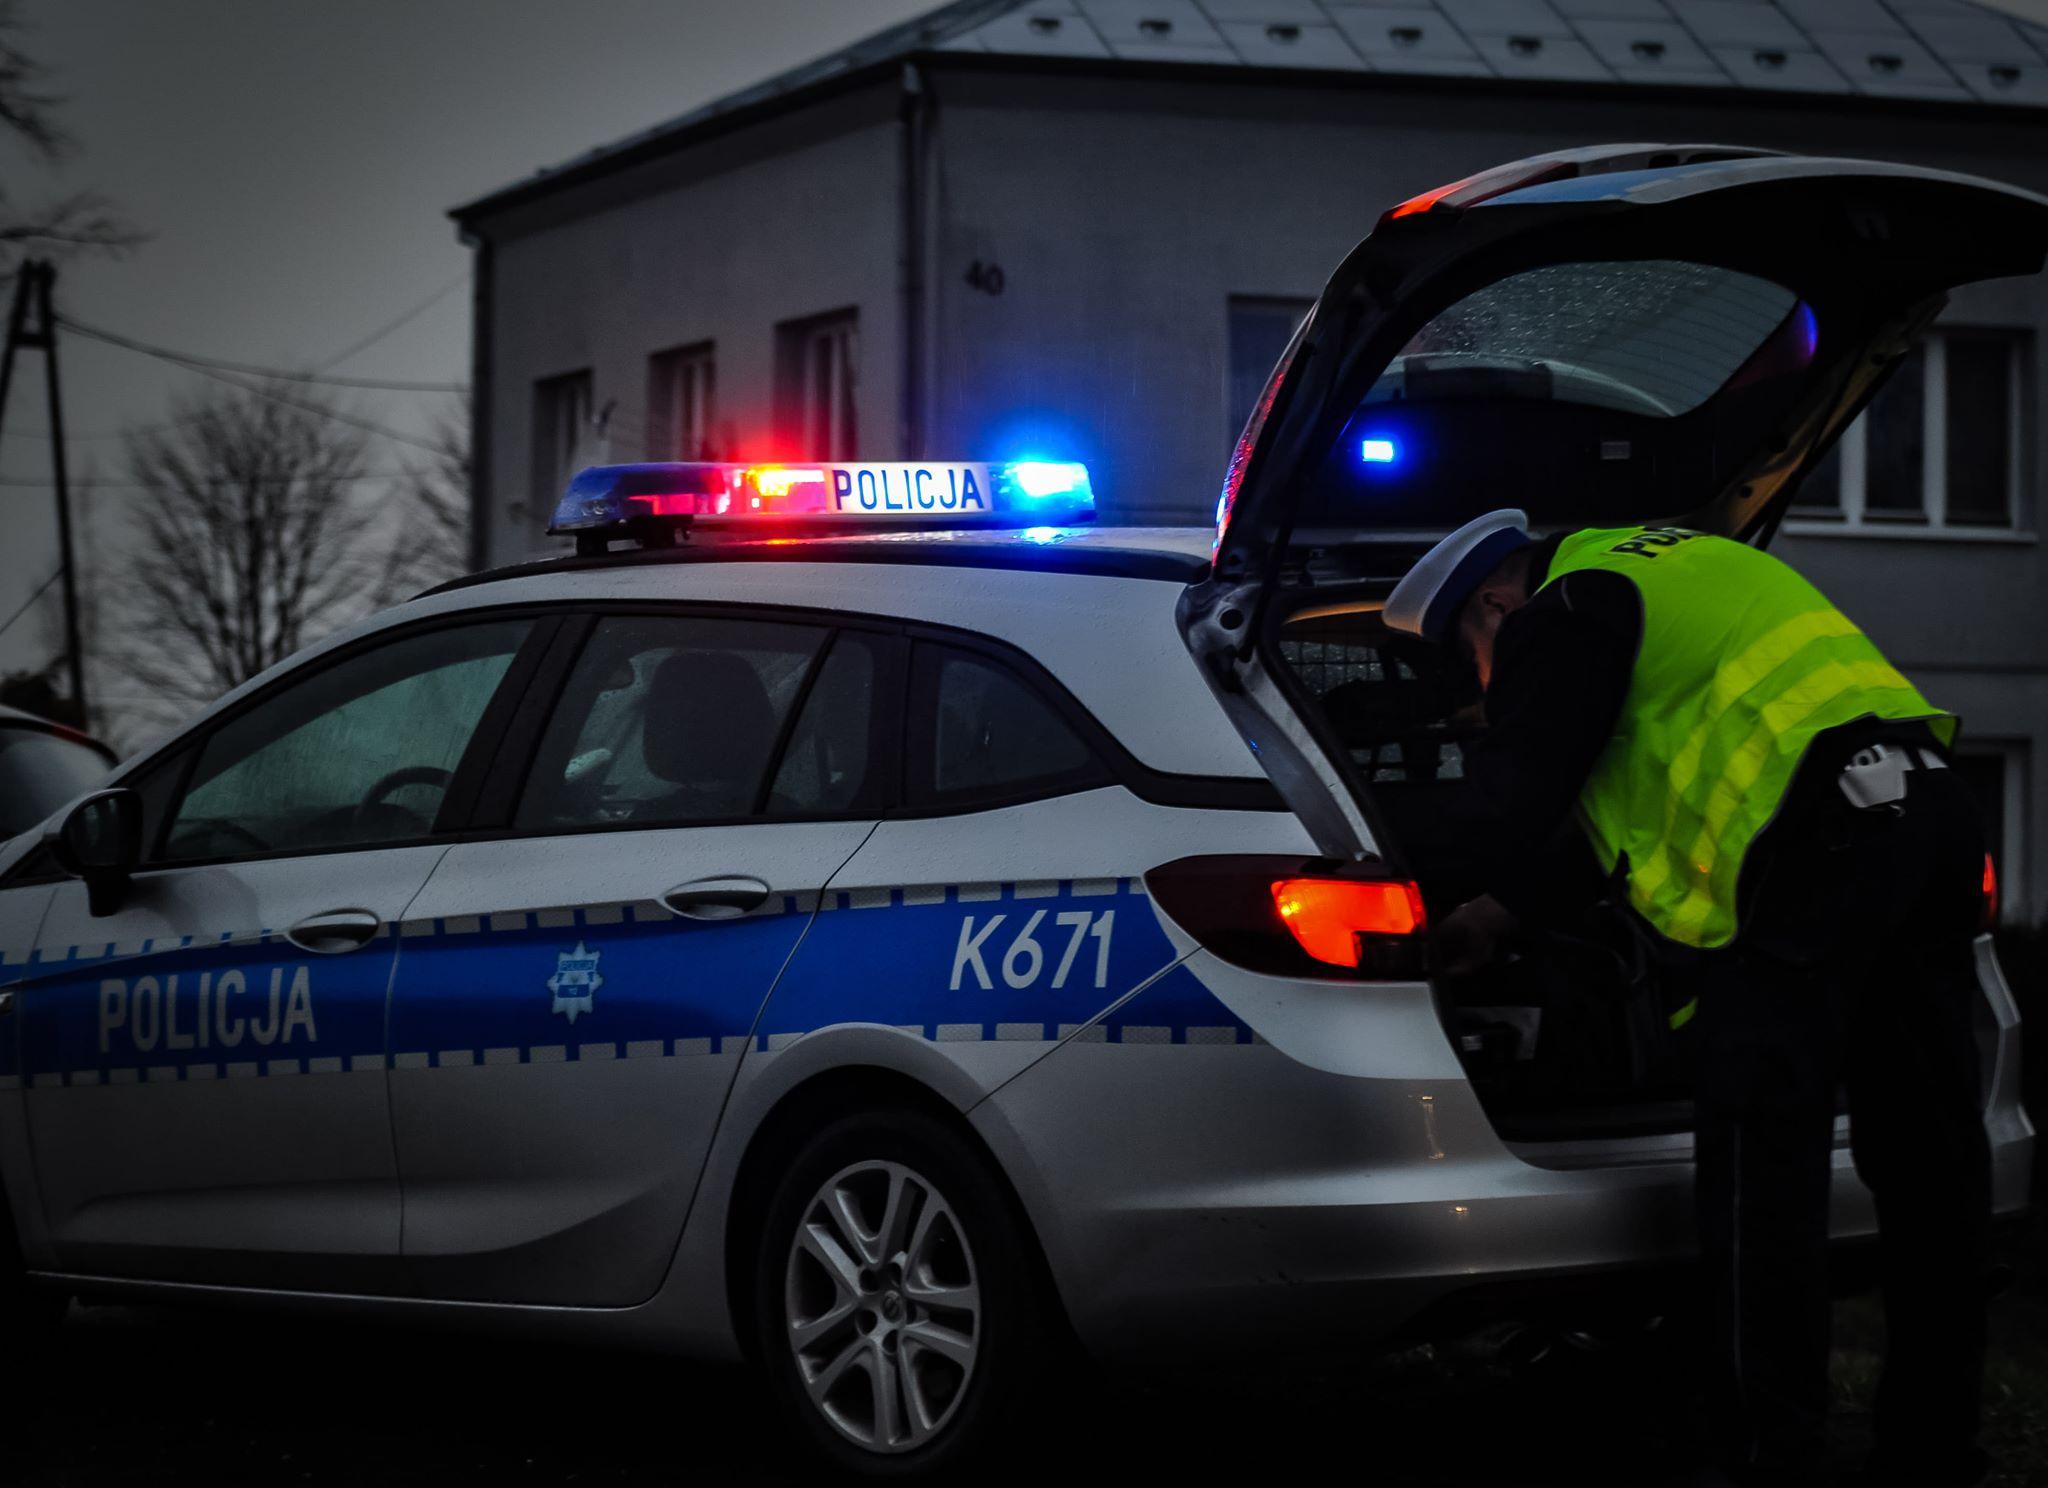 Pijany kierowca spowodował kolizję i uciekł z miejsca zdarzenia - Zdjęcie główne